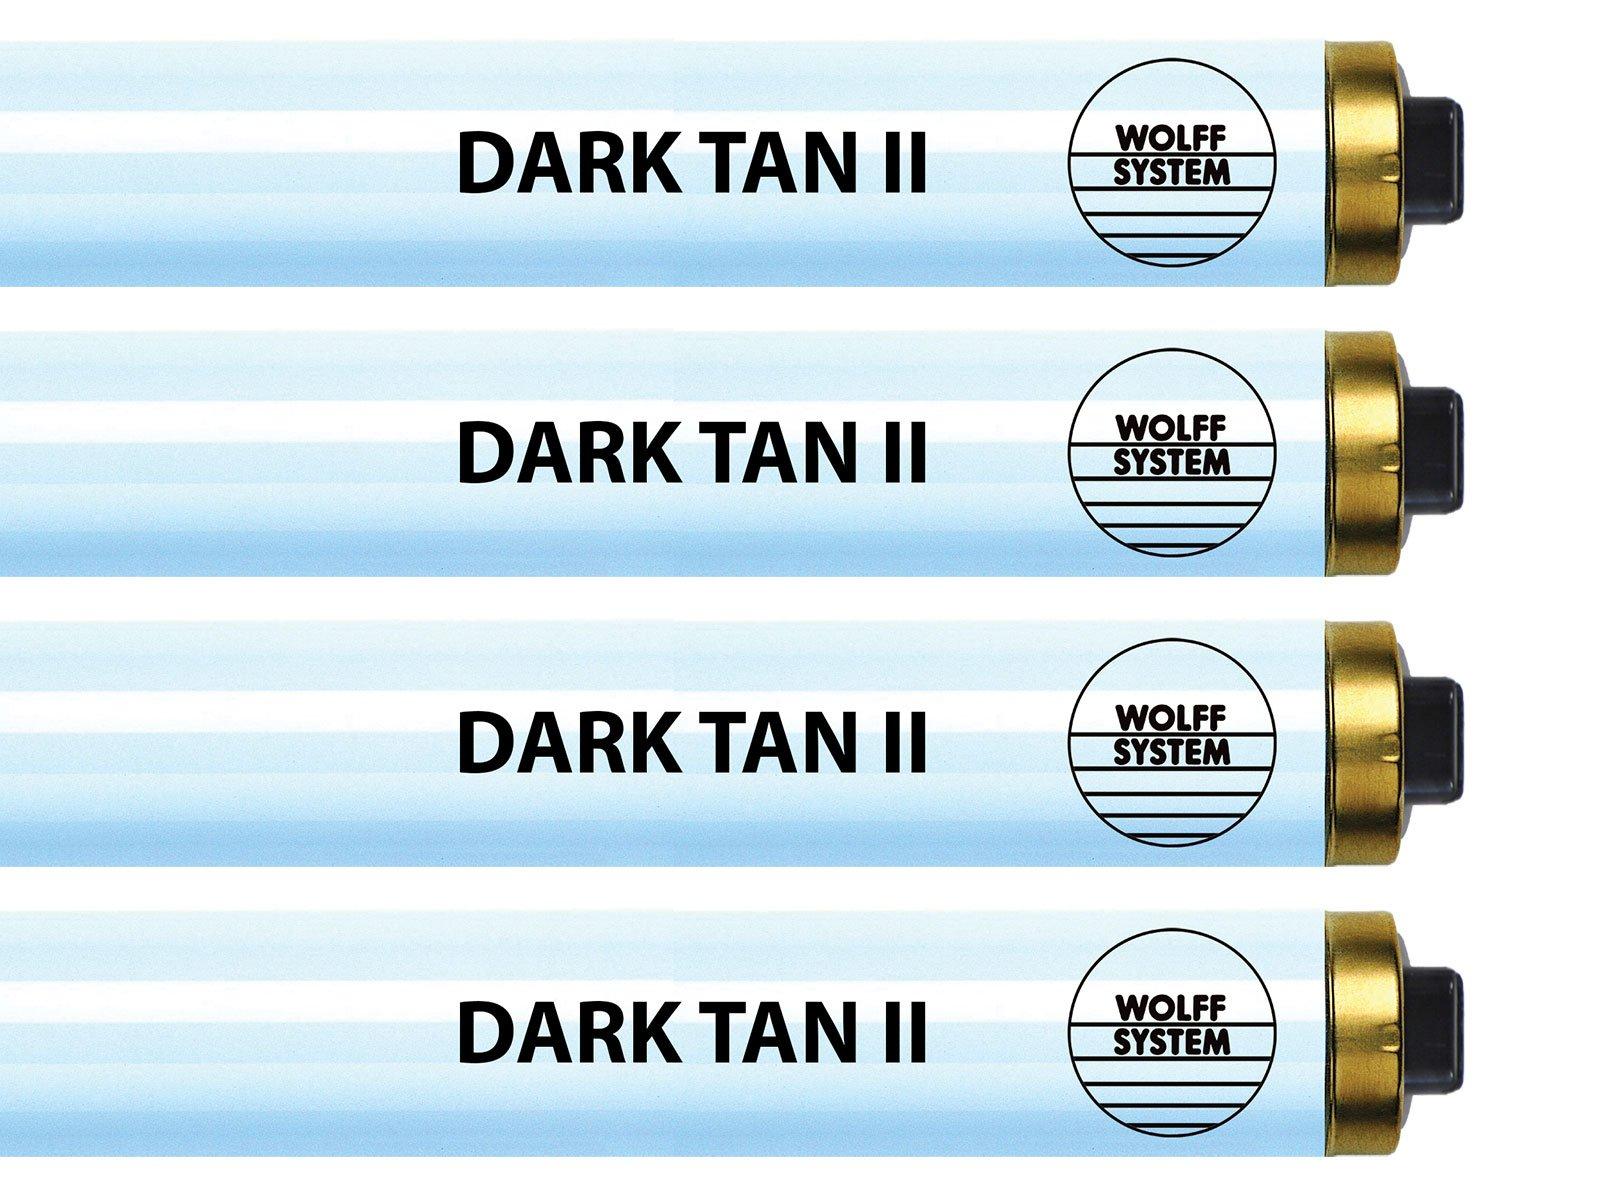 Wolff Dark Tan II F73 100W RDC Tanning Lamp (24)